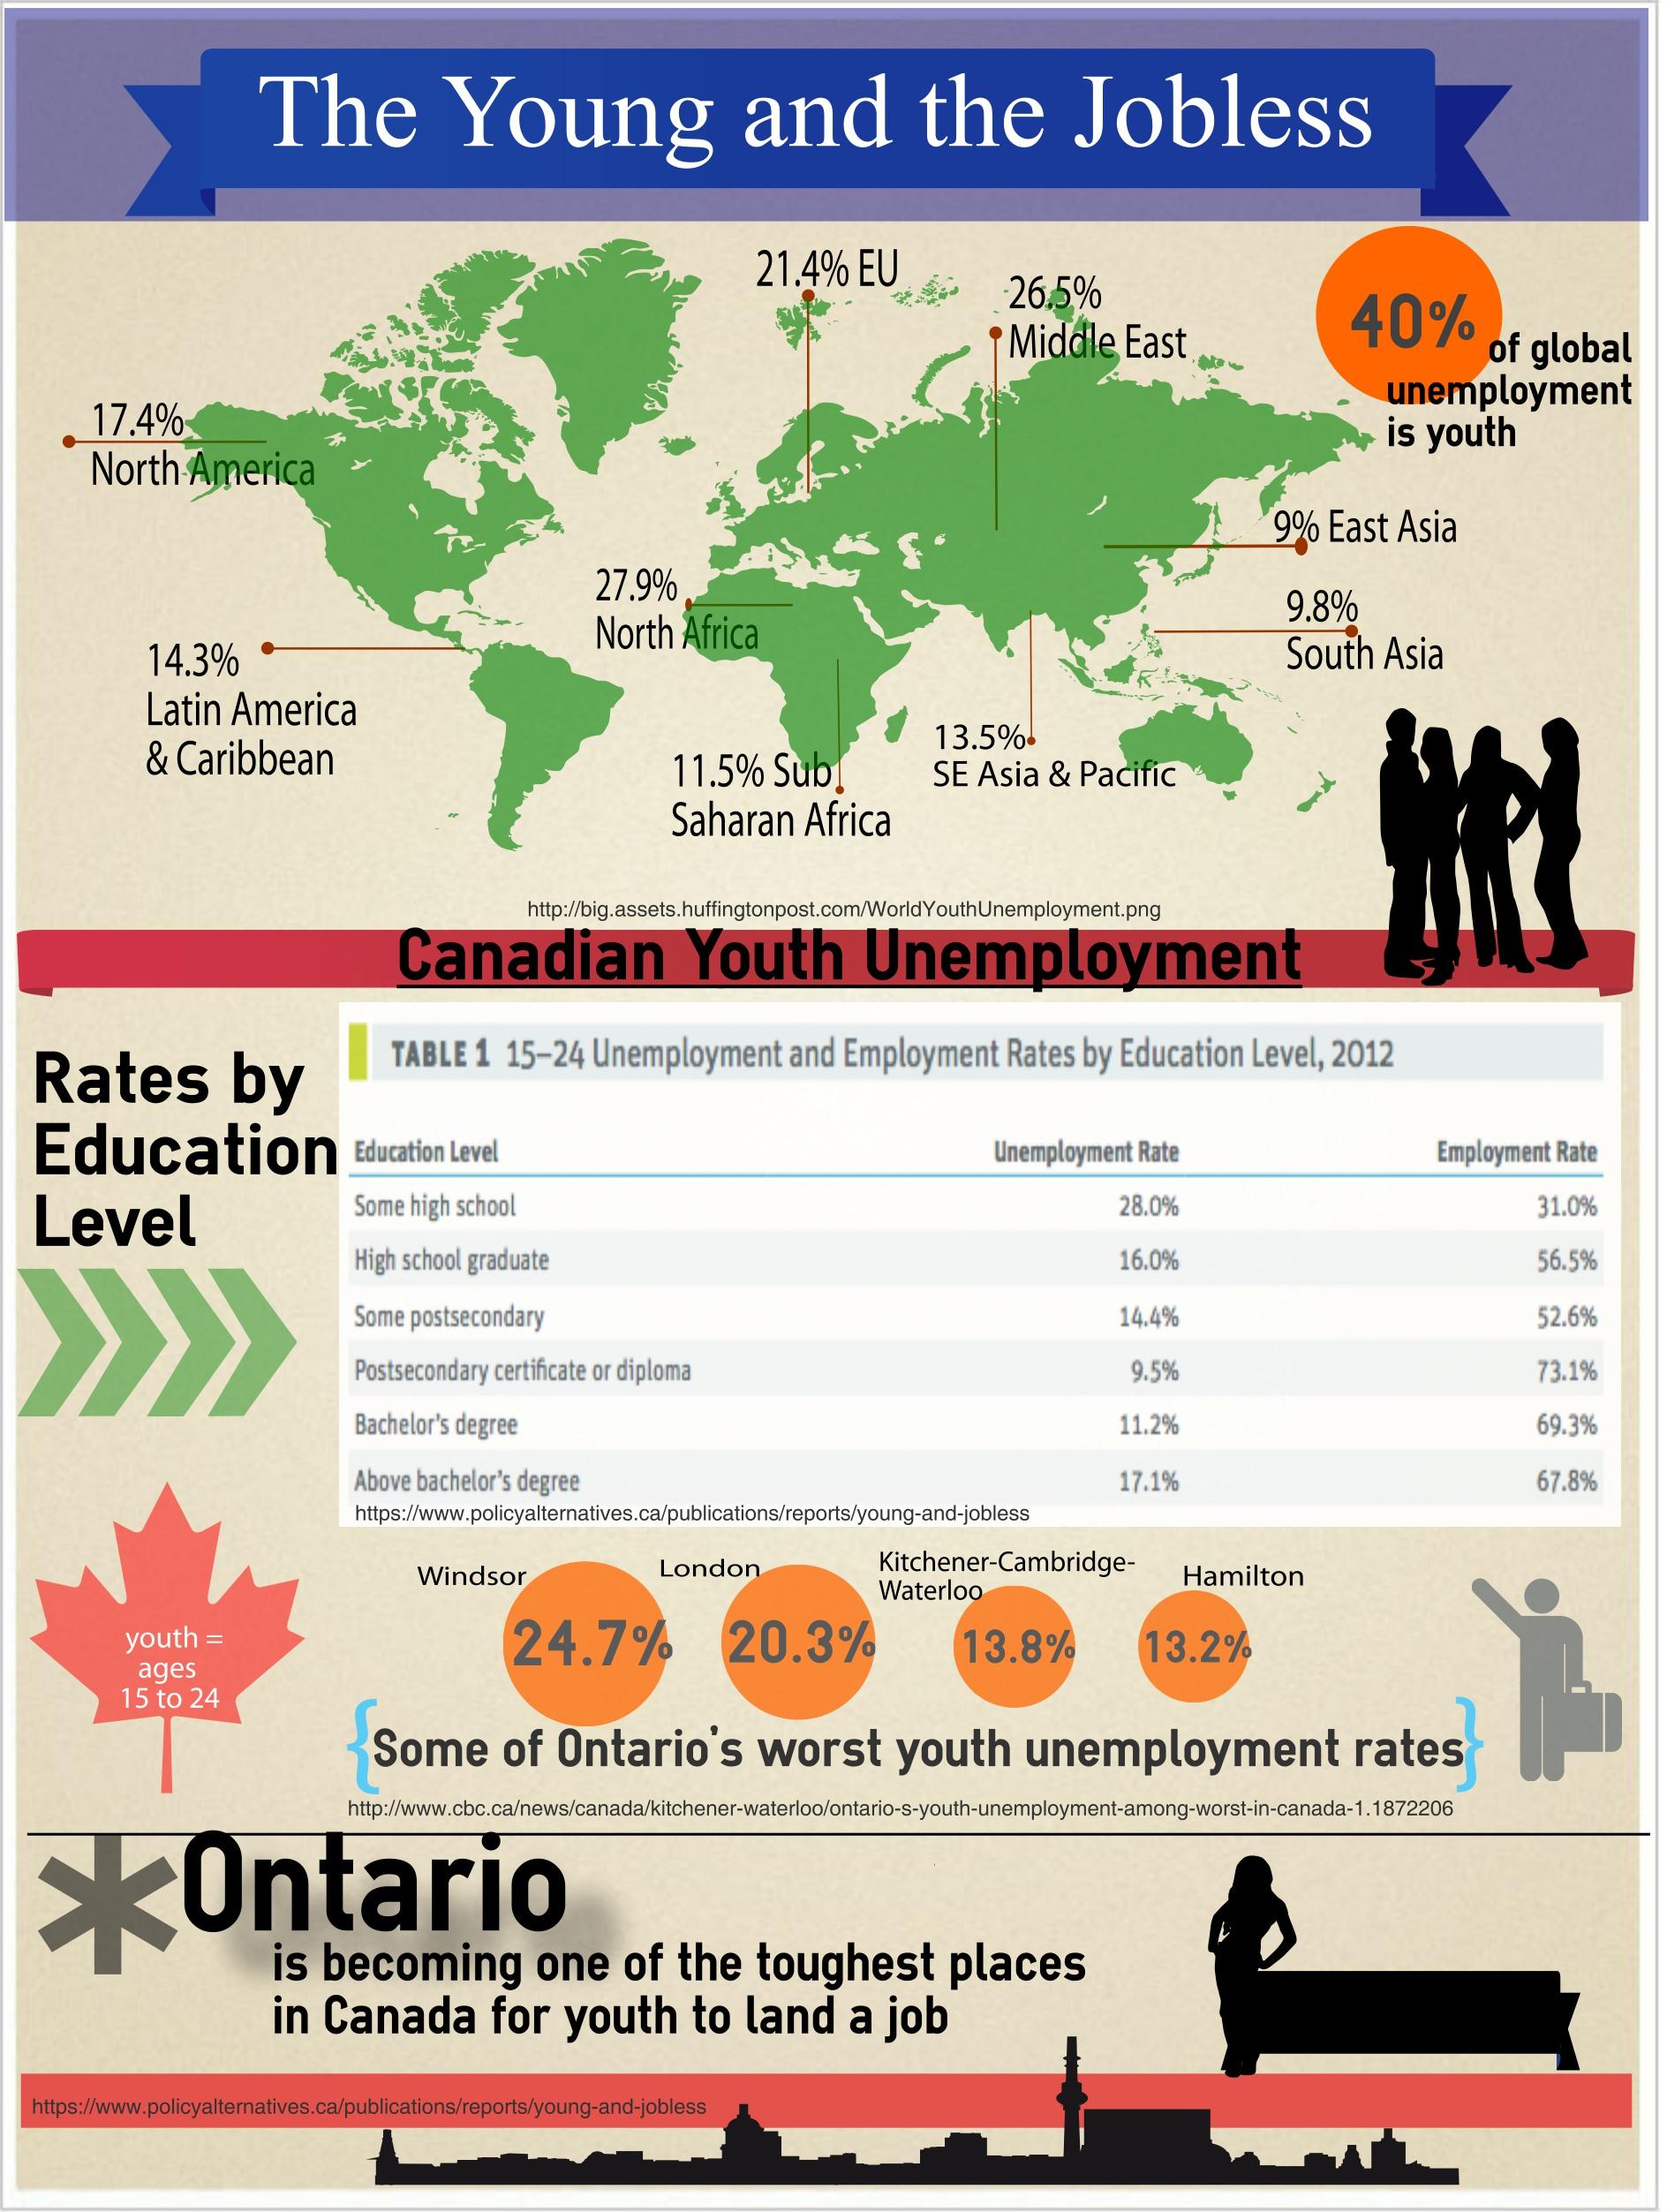 youthunemployment (3)